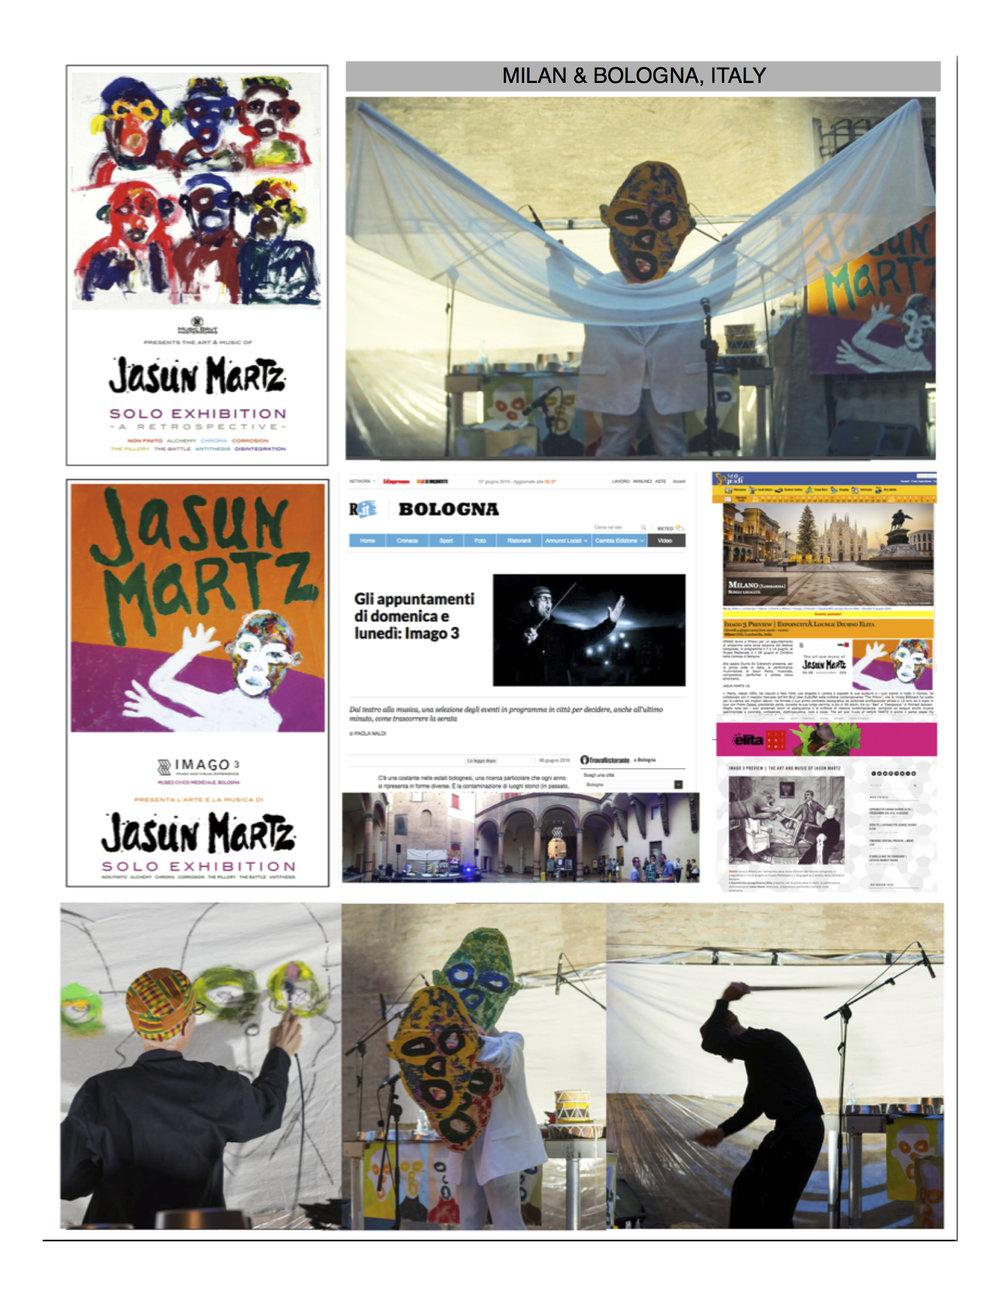 Jasun_Martz_Performances_4pages.jpg